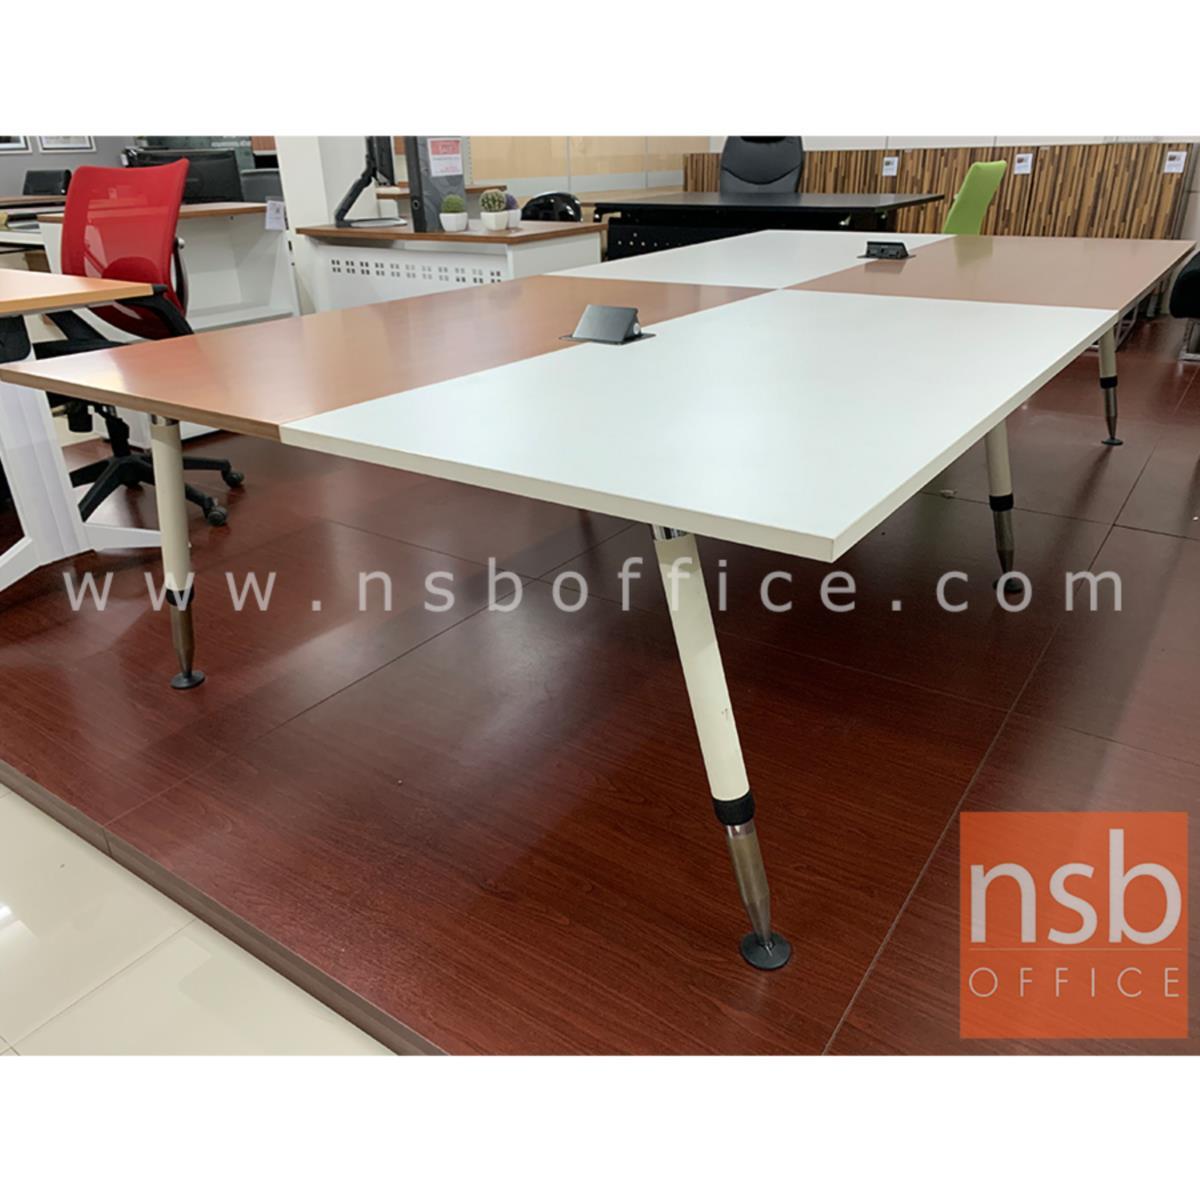 โต๊ะประชุมทรงสี่เหลี่ยม 12 ที่นั่ง  รุ่น Panax (พาแน็กซ์) ขนาด 320W cm. พร้อมฝาเปิดปิดปลั๊กไฟบนโต๊ะ ขาเหล็ก